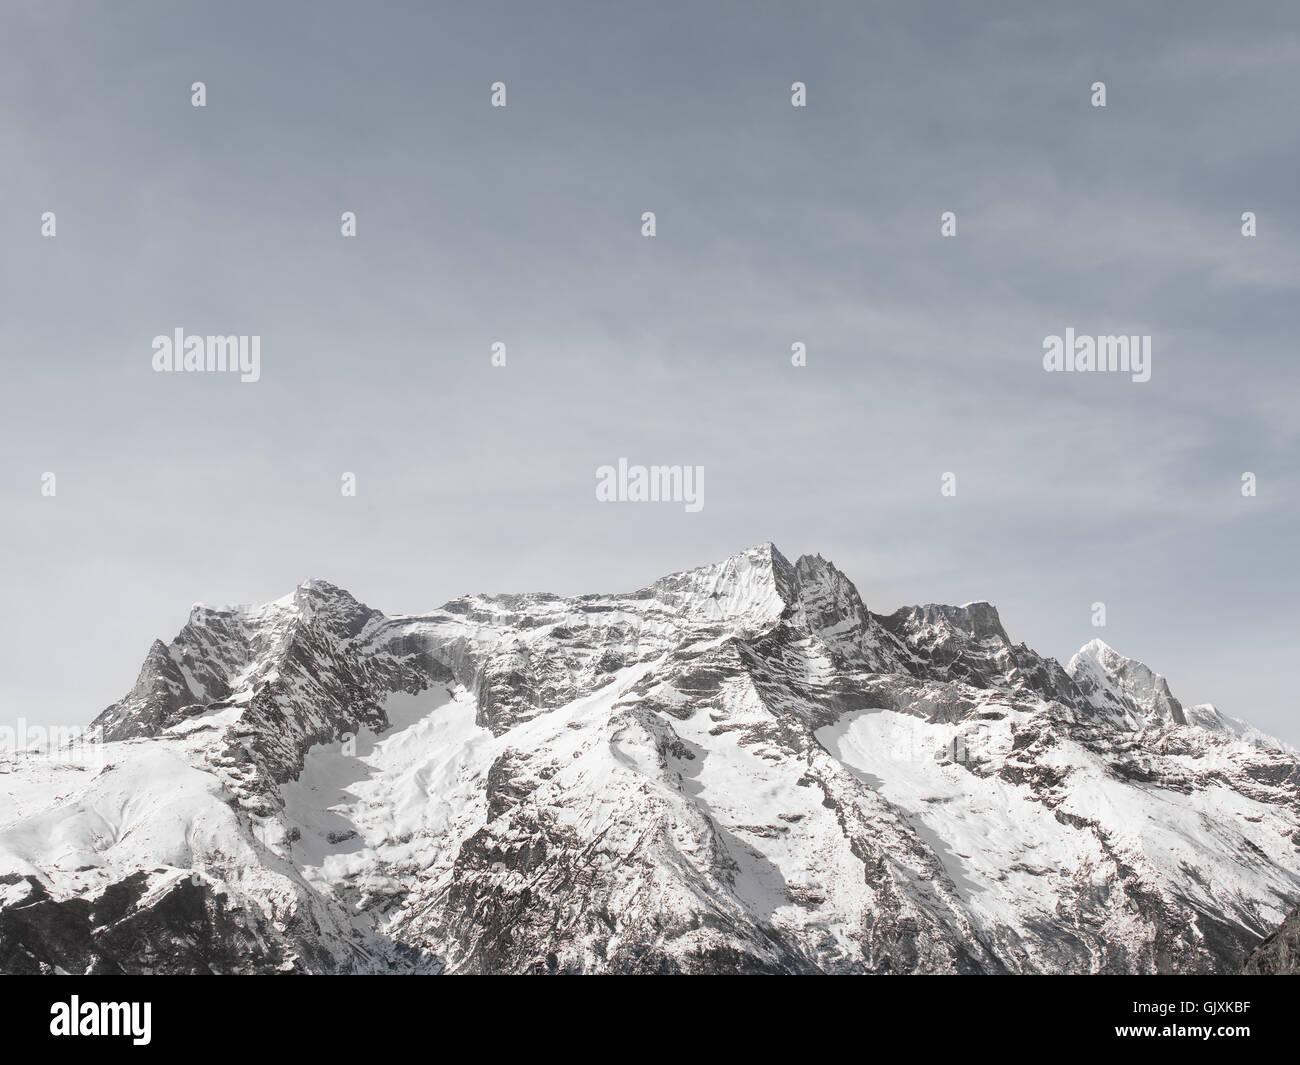 Schneebedeckte Berge in Nepal Everest-Basislager Stockbild